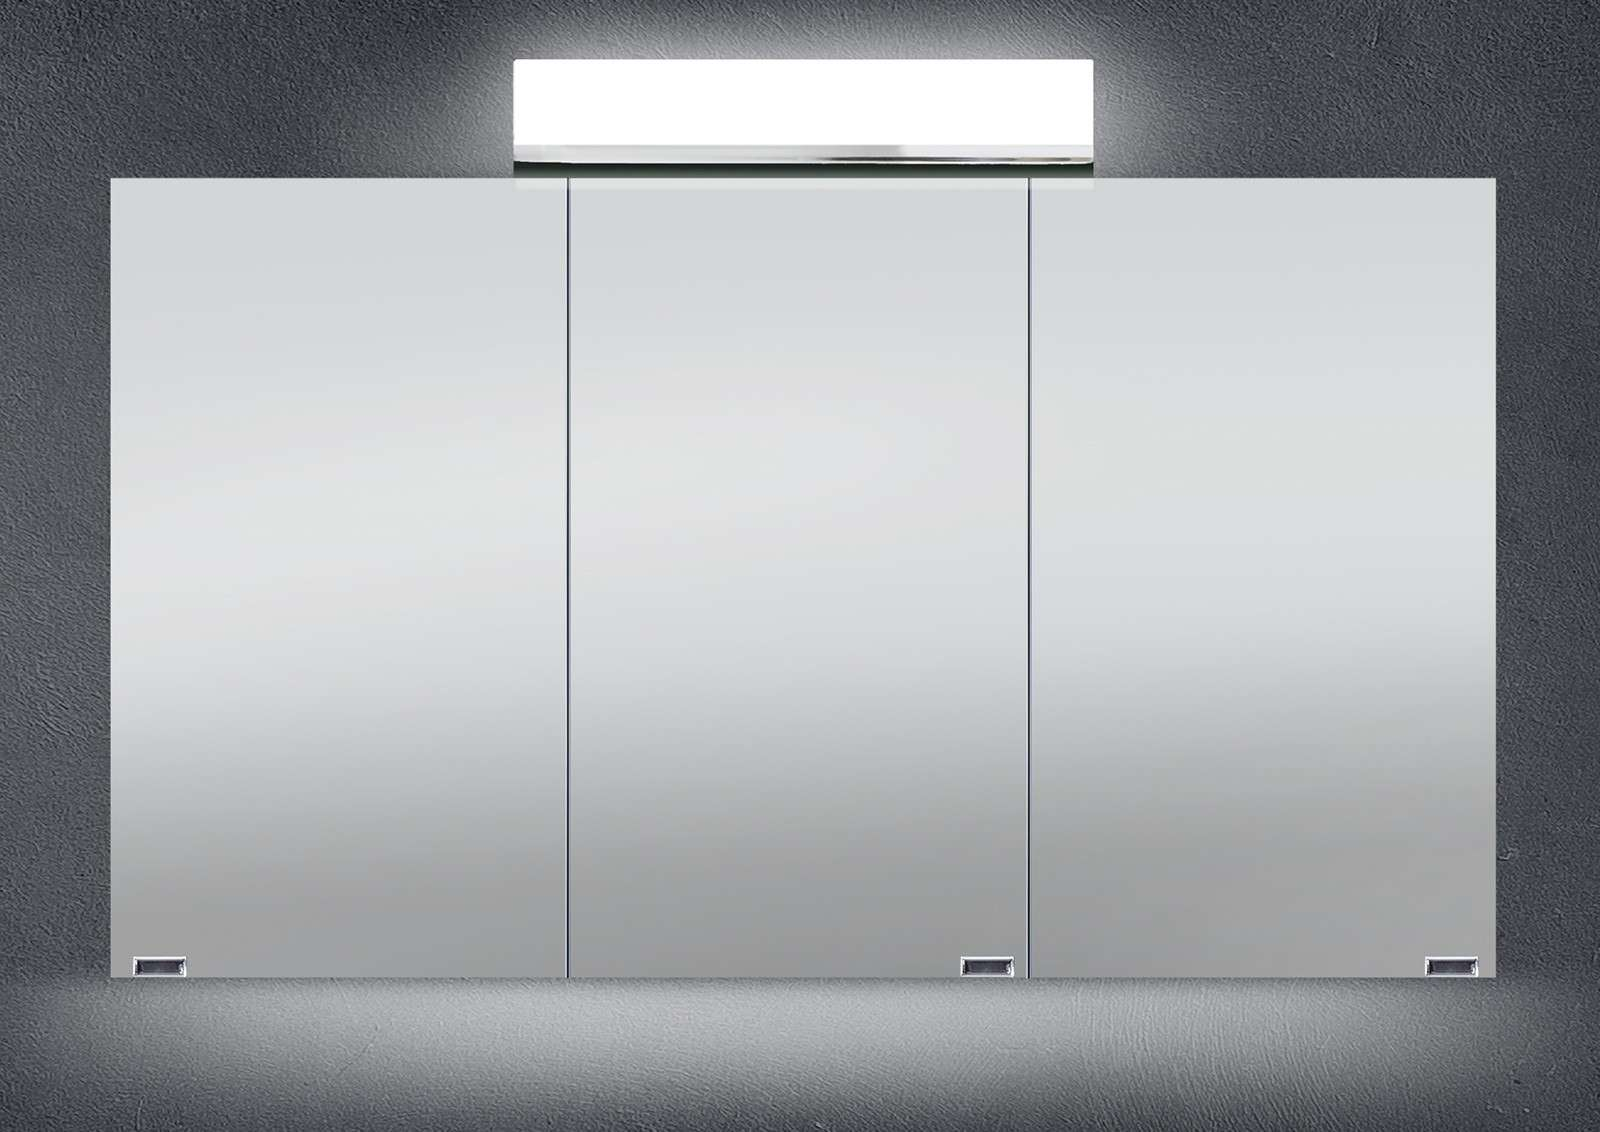 Spiegelschrank badezimmer 120 cm  Spiegelschrank Bad 120 cm LED Beleuchtung doppelseitig verspiegelt ...